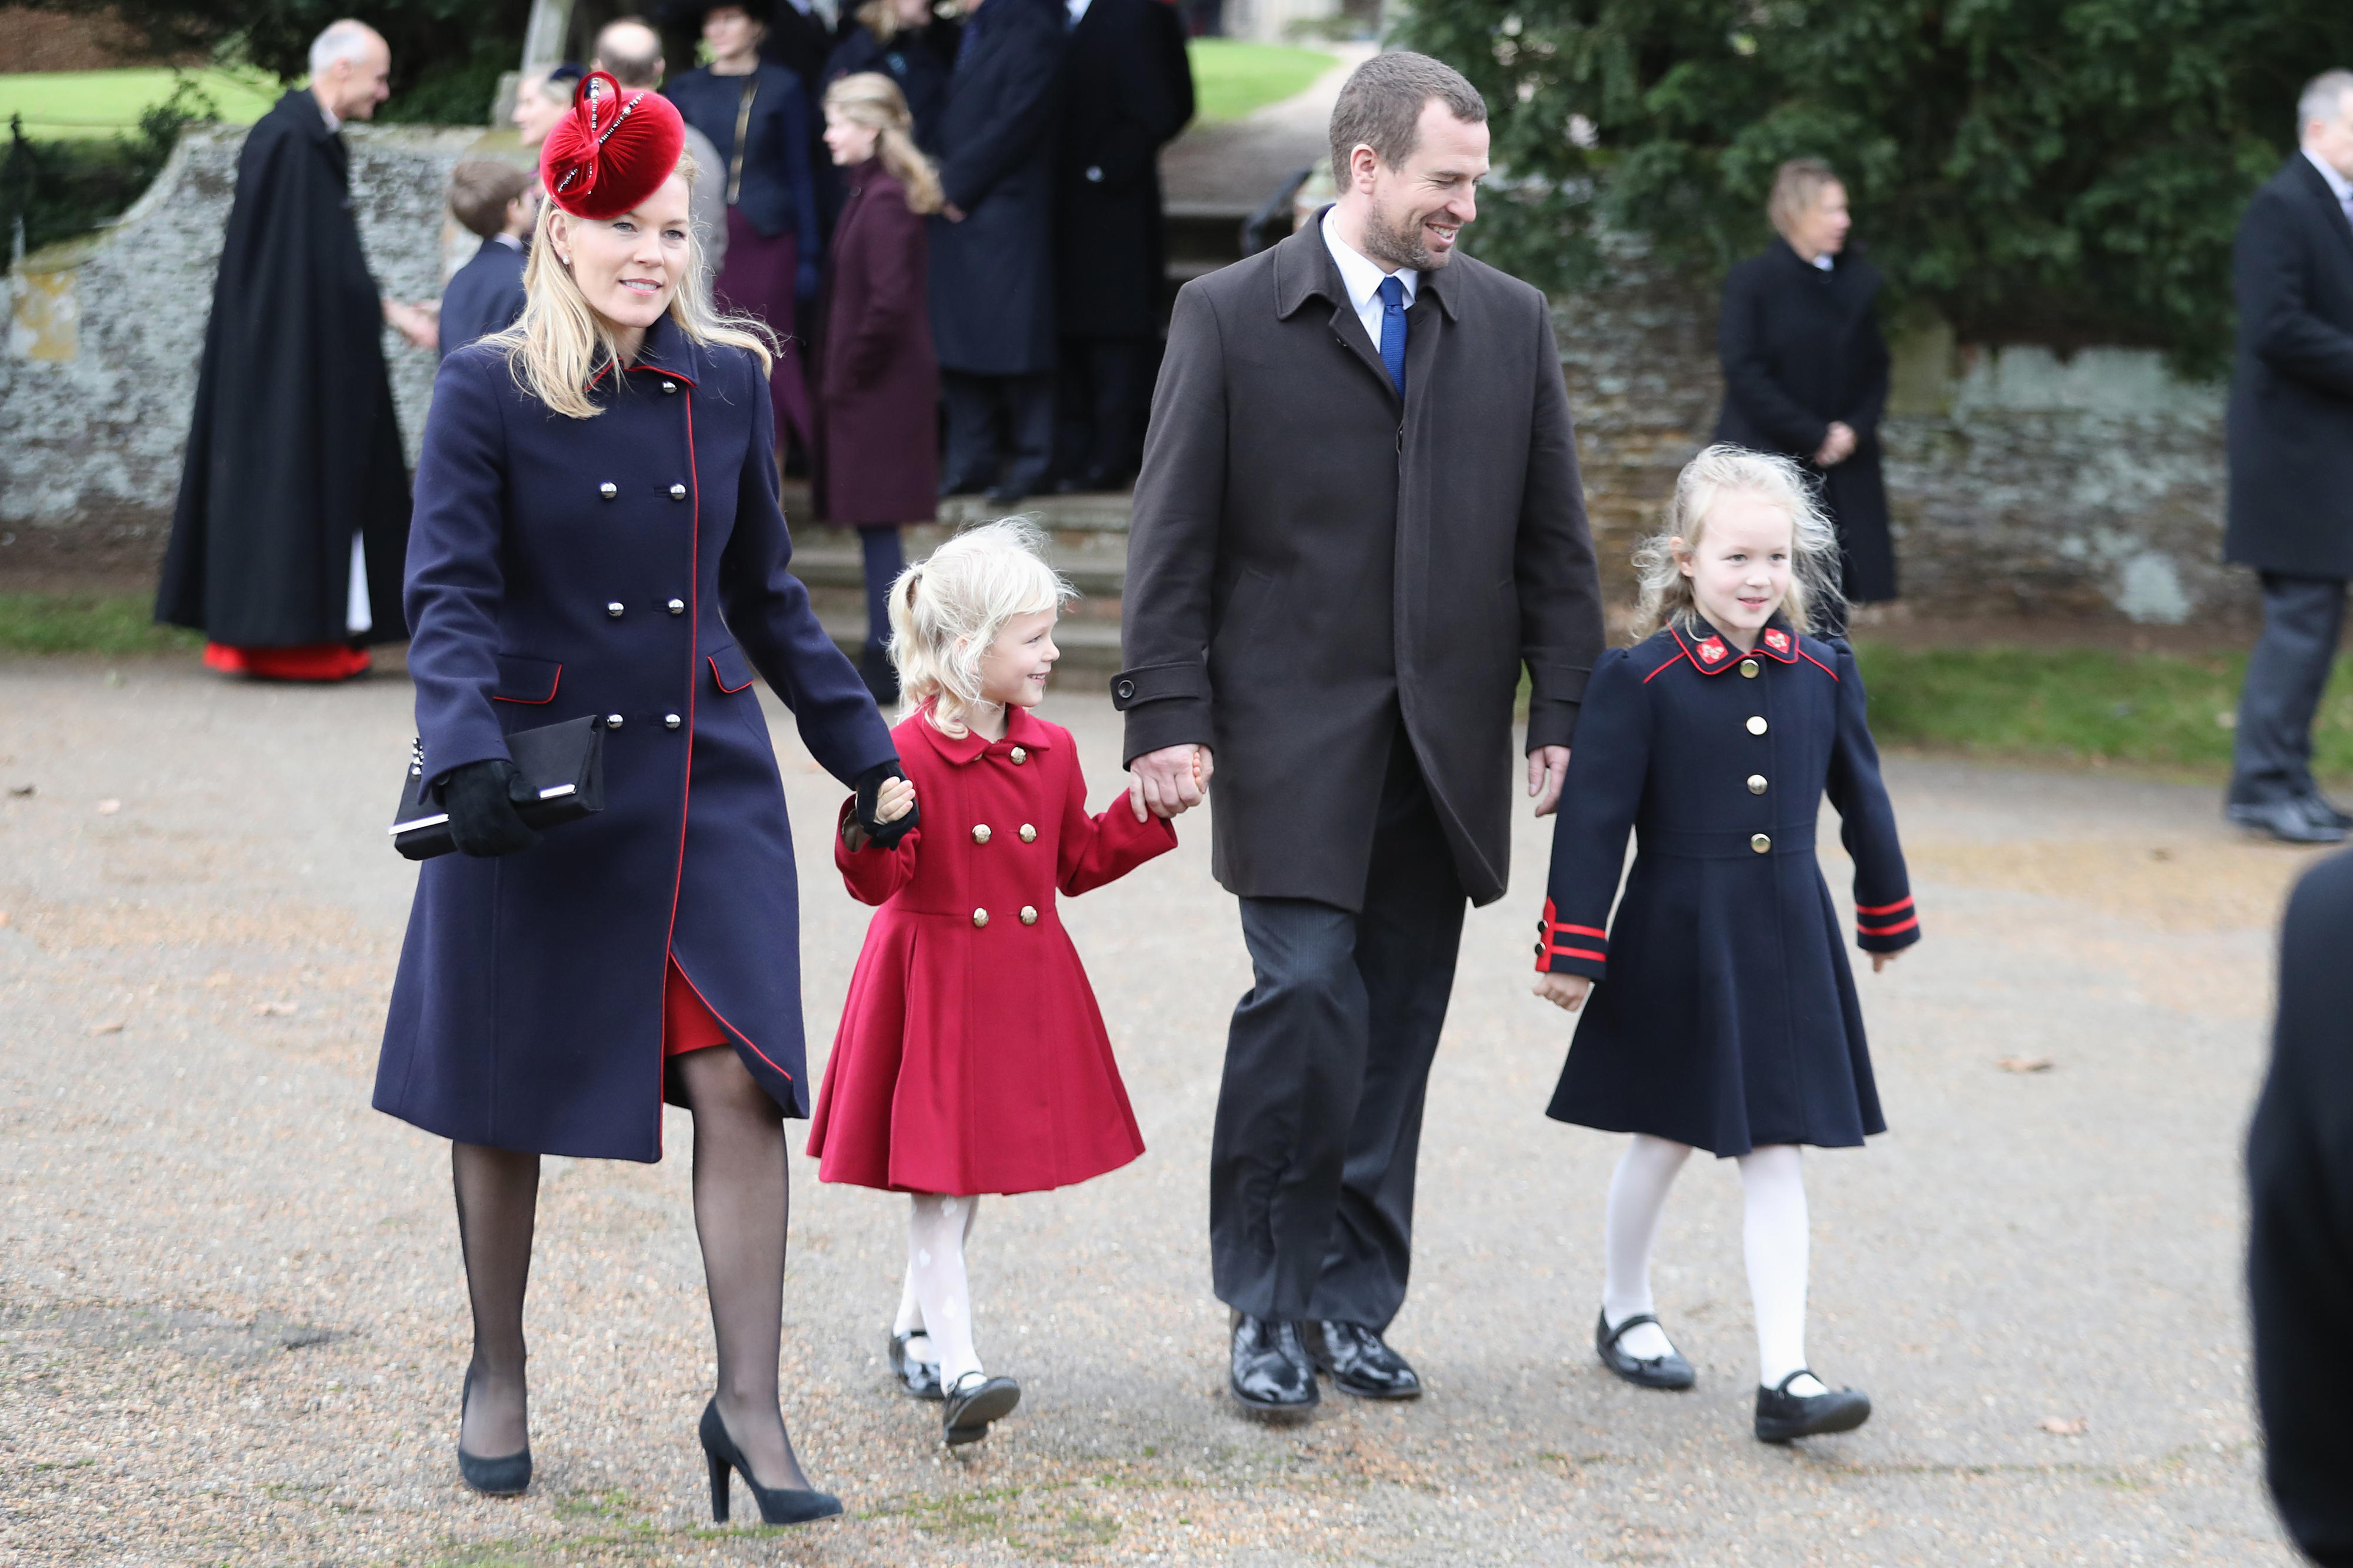 Die Familie von Peter Phillips: Ehefrau Autumn und die KinderIsla (2.v.l.) undSavannah (r.) am 25. Dezember 2017 auf dem Weg zurChurch of St Mary Magdalene